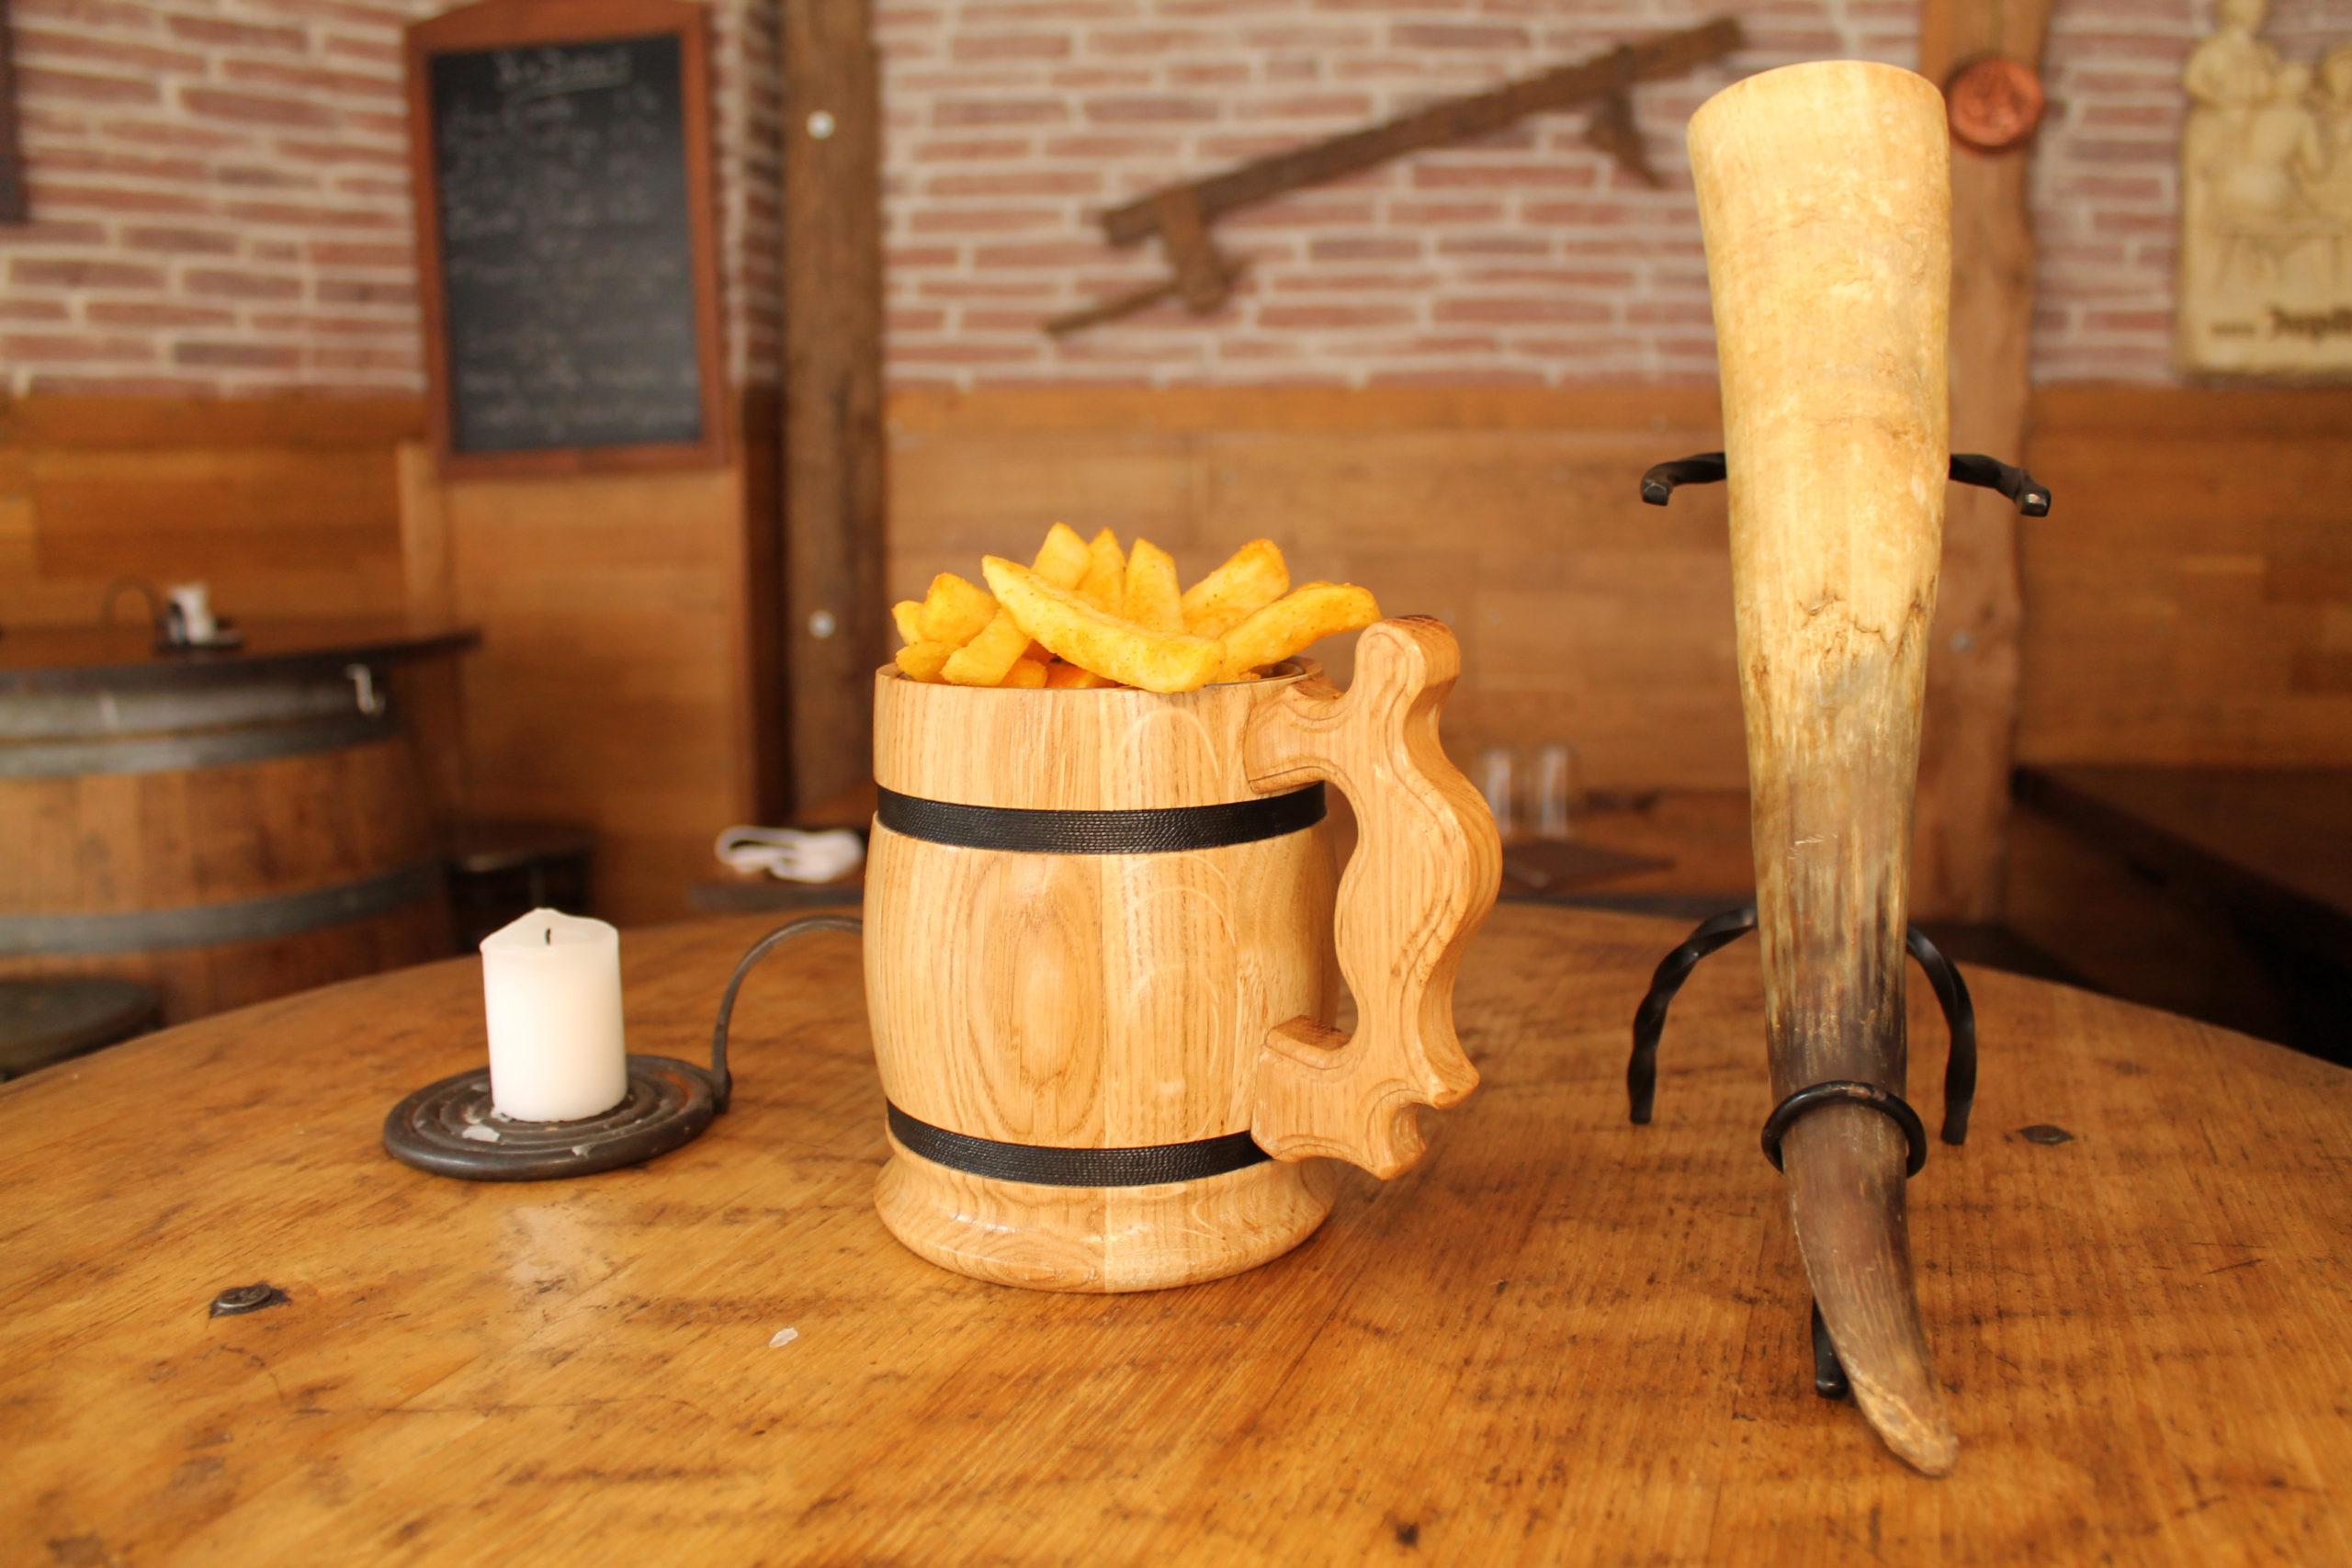 Chope à frites & Corne à bière - Prise par Nob Guérin